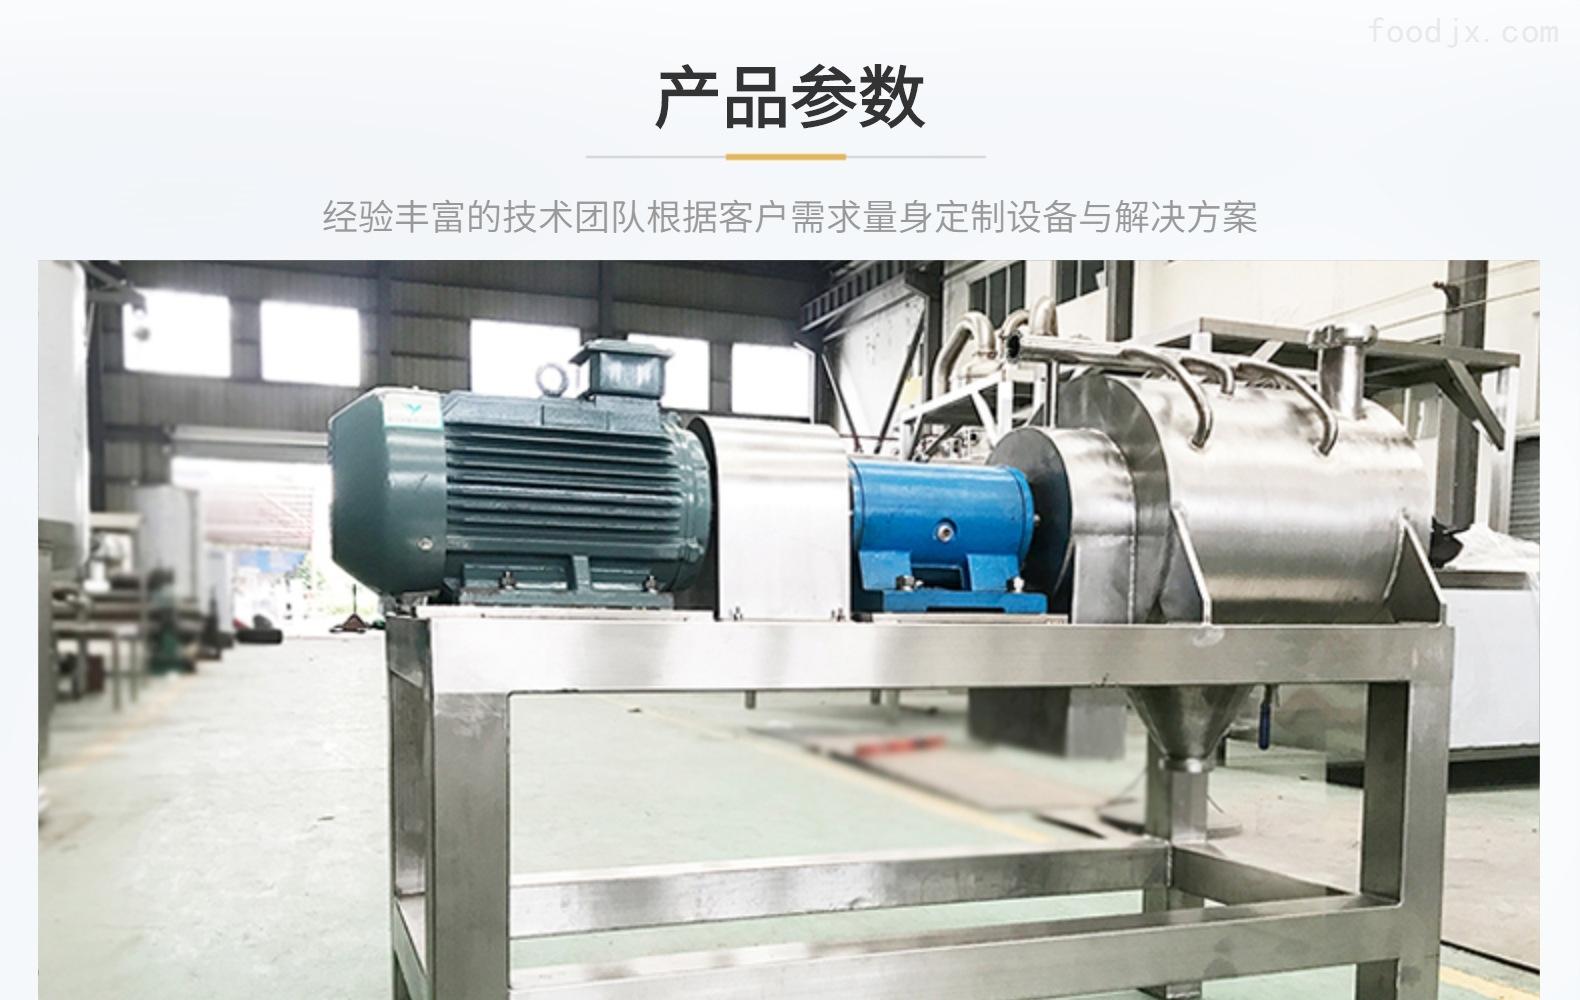 上海成洵 - 水果蔬菜专用打浆机